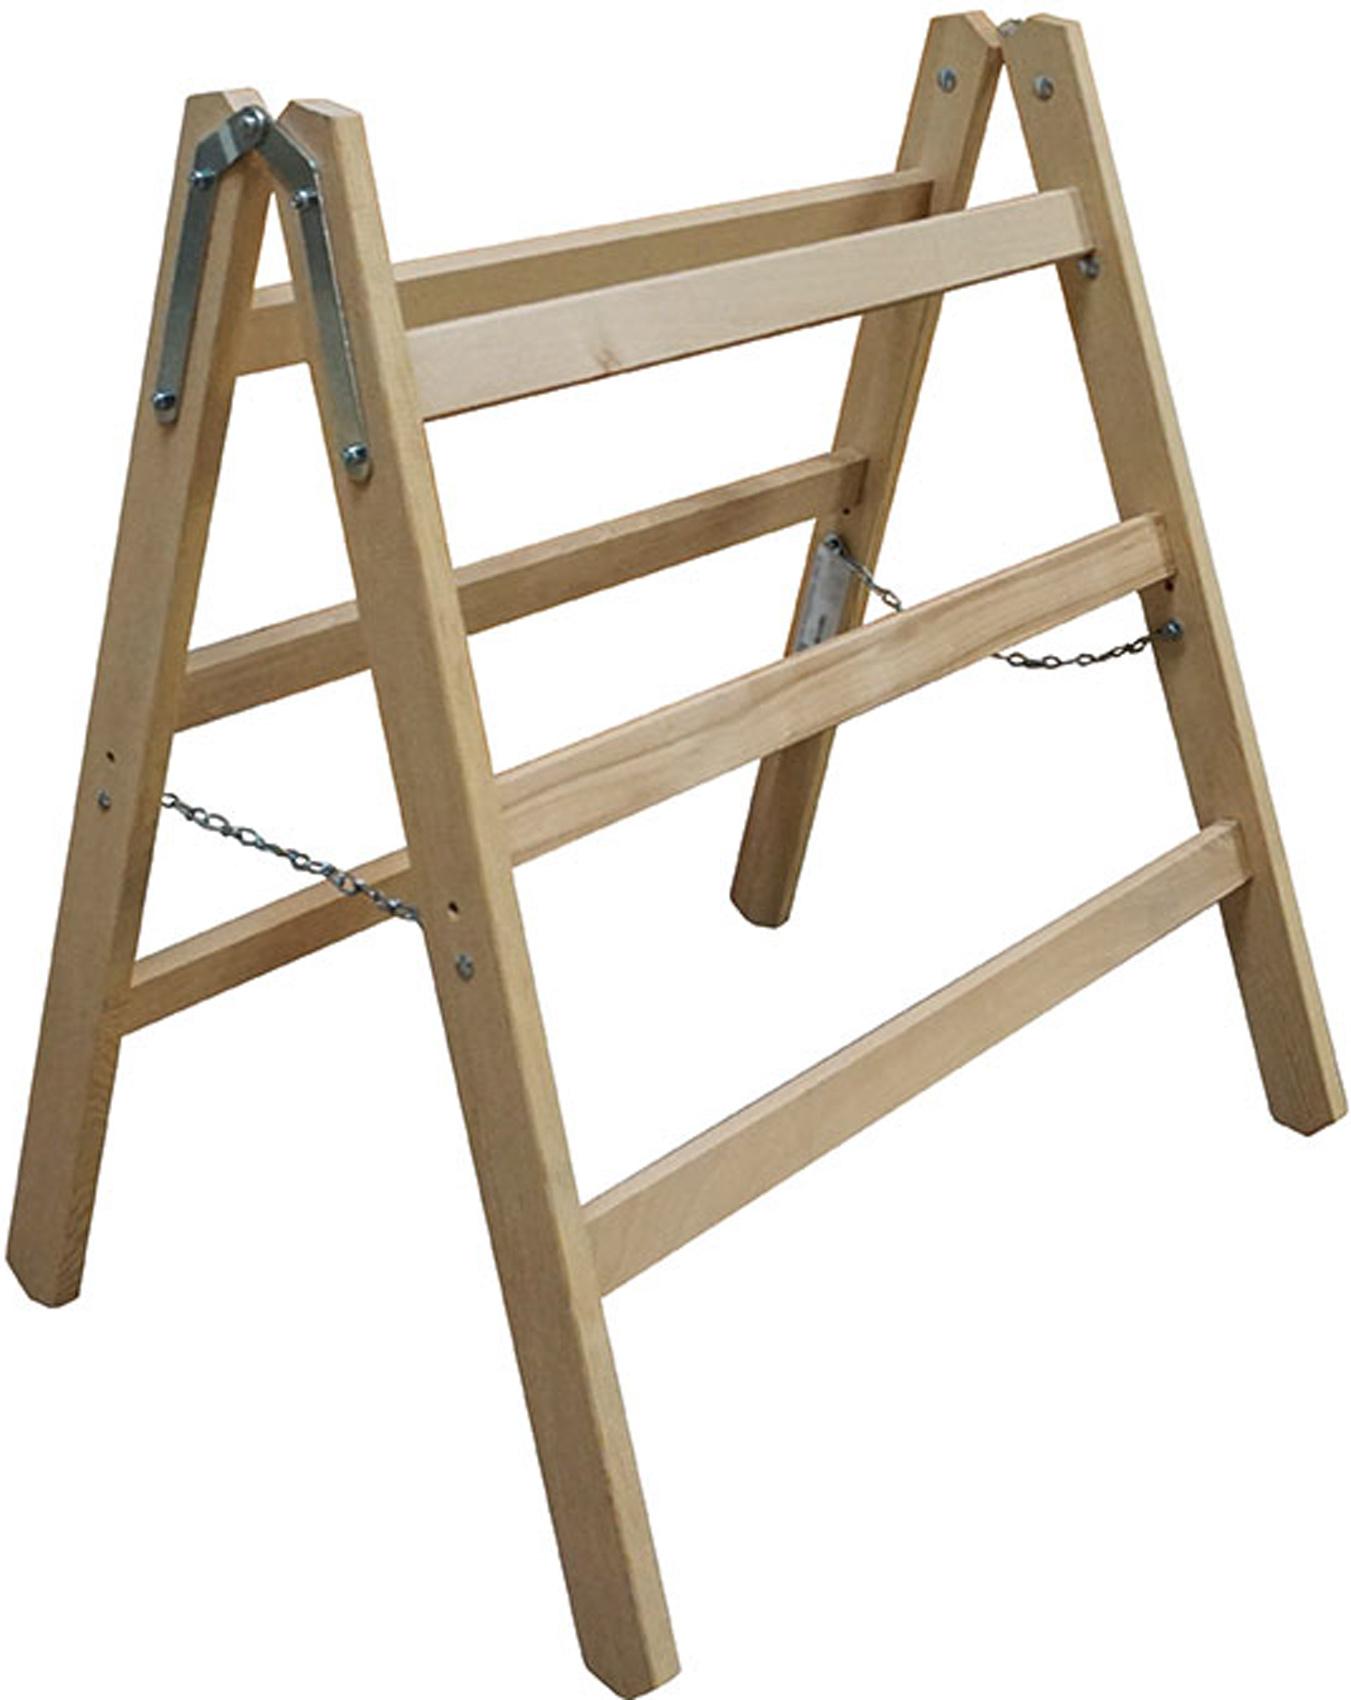 euroline Handwerkerbock extra breit Holz 2x3 Sprossen